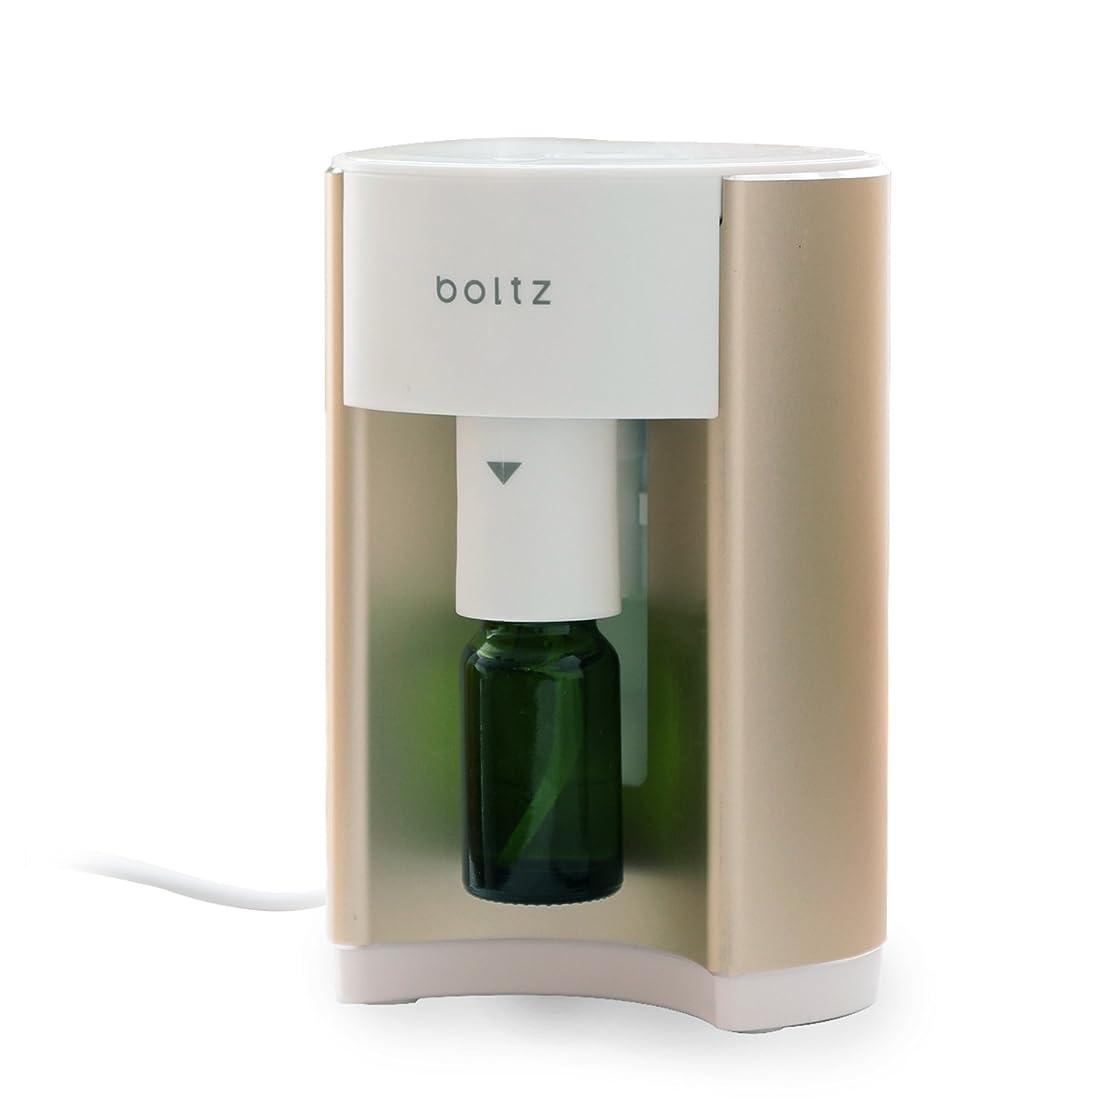 懲戒小さなカヌーアロマディフューザー ルームフレグランス boltz ボトルを直接セット 専用ボトル付 タイマー付き USB コンセント付き アロマ ディフューザー コンパクト ゴールド